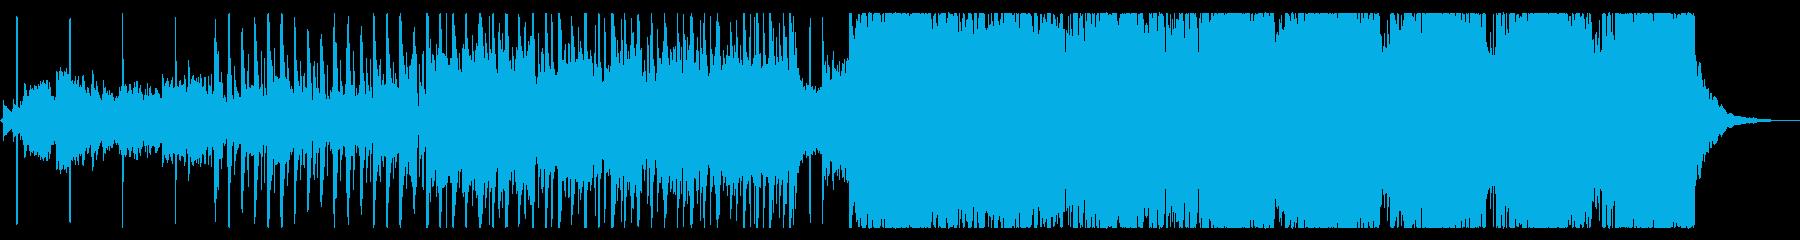 大自然をイメージしたアコースティクEDMの再生済みの波形